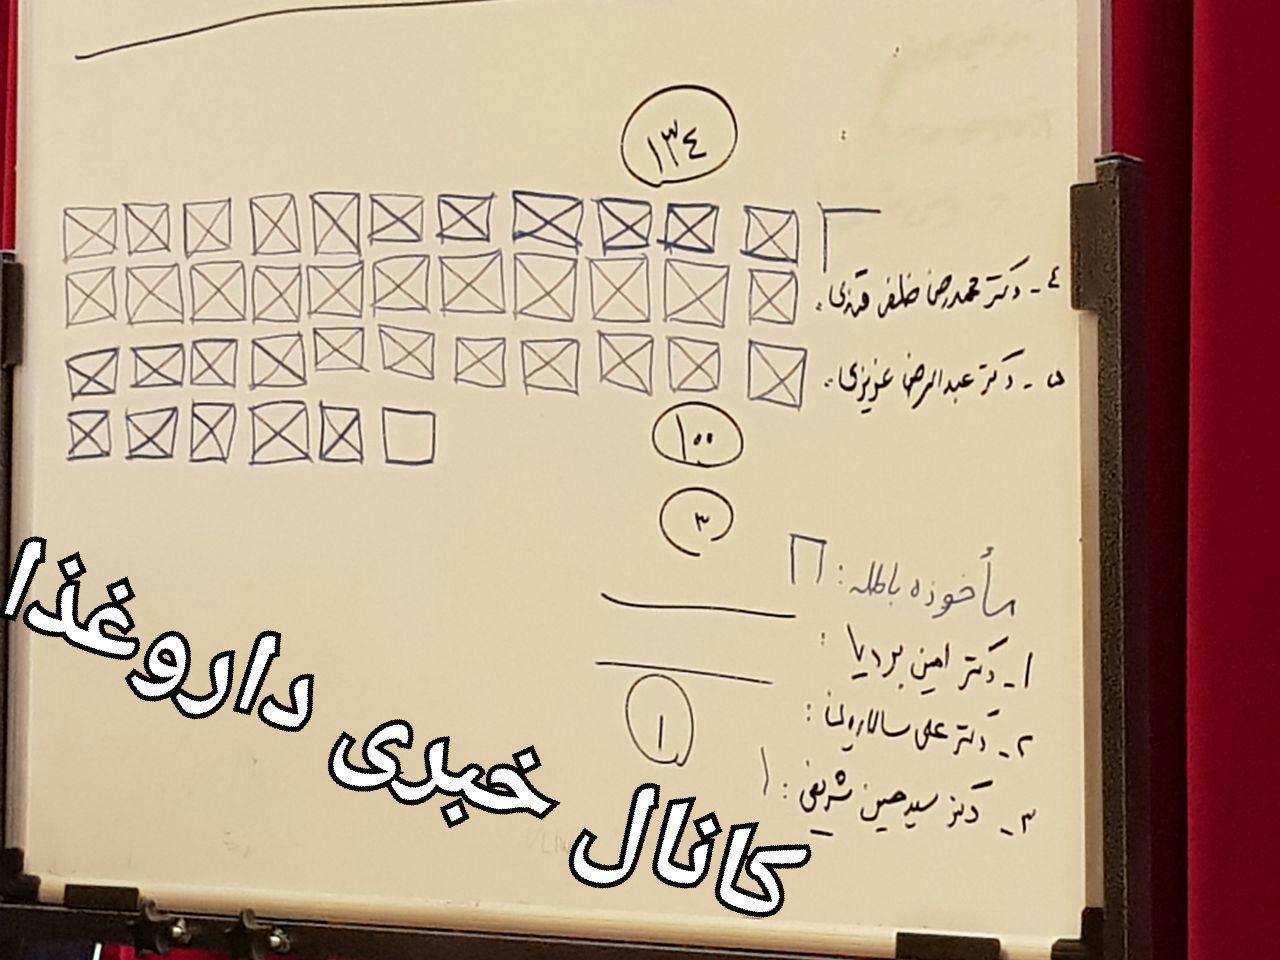 دکتر محمدرضا ظفرقندی رییسکل سازمان شد.